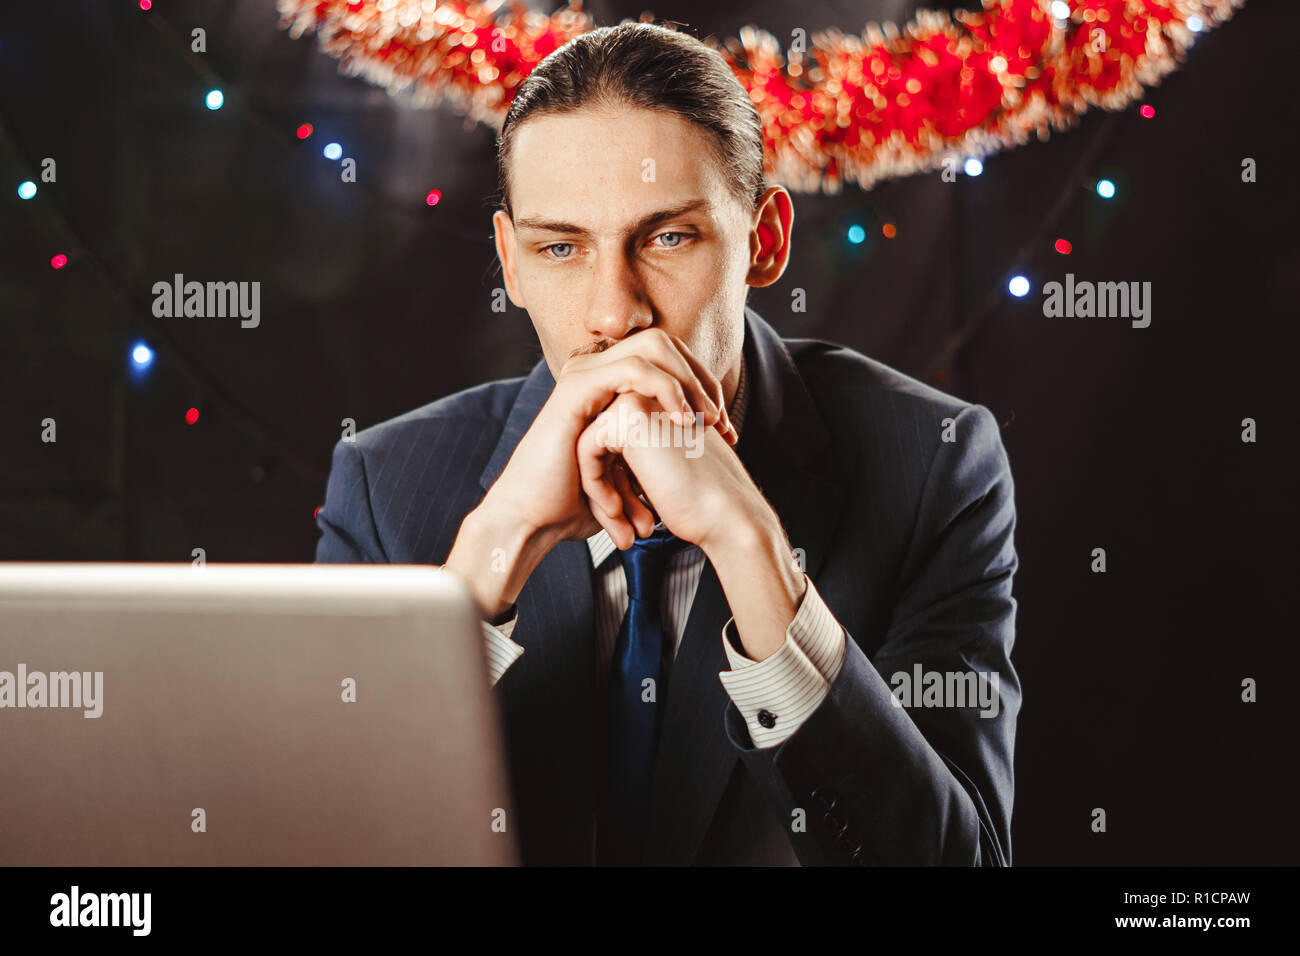 Imprenditore lavora per la Vigilia di Capodanno. Egli era molto stanco e si è addormentato dietro il suo computer portatile. Indossa un cappello di Natale. Foto Stock